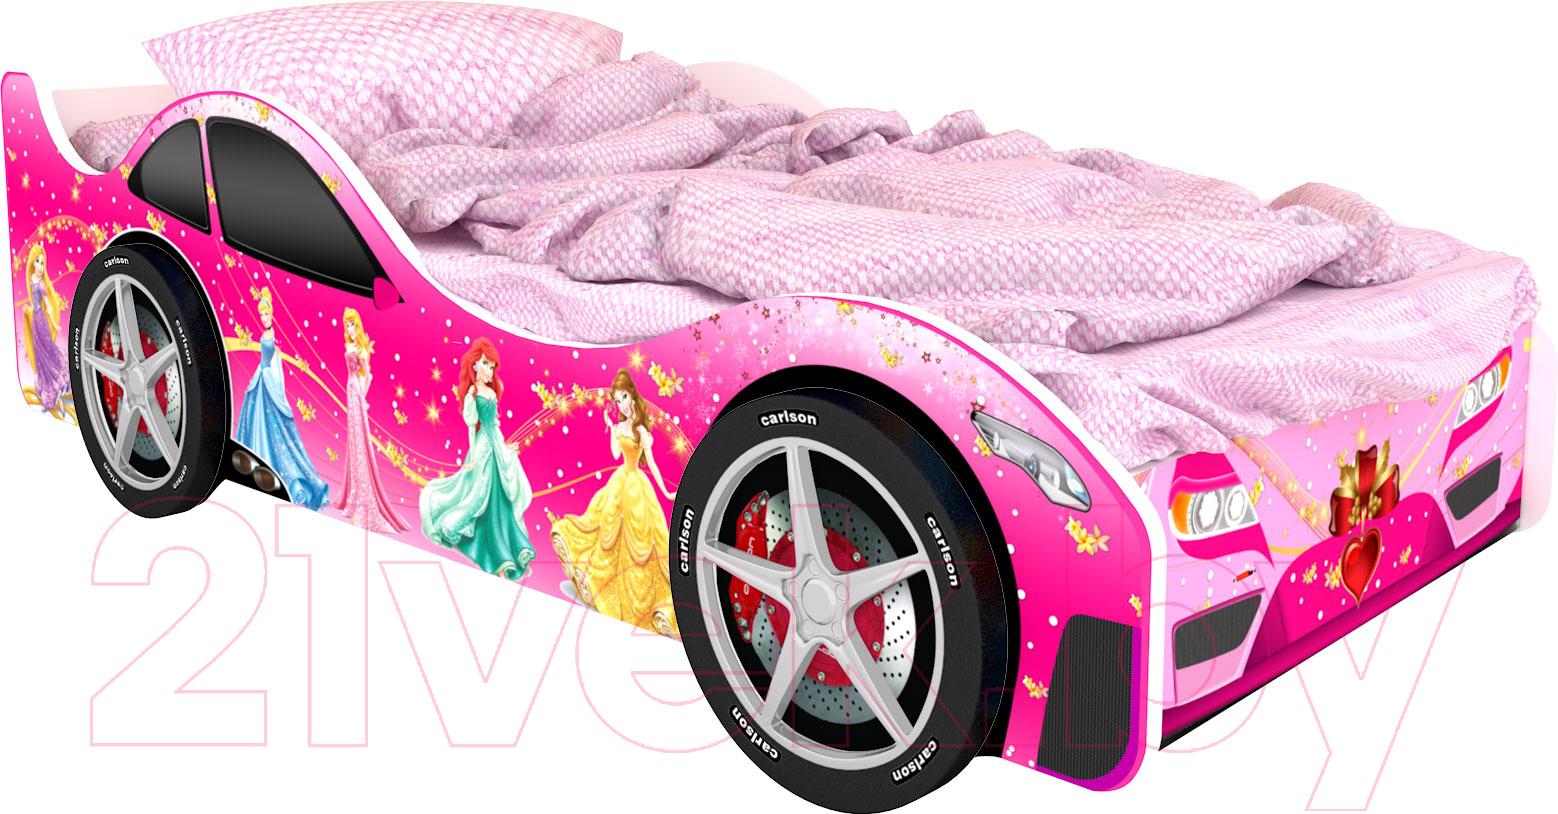 Купить Детская кровать-машинка КарлСон, Город Вена, Россия